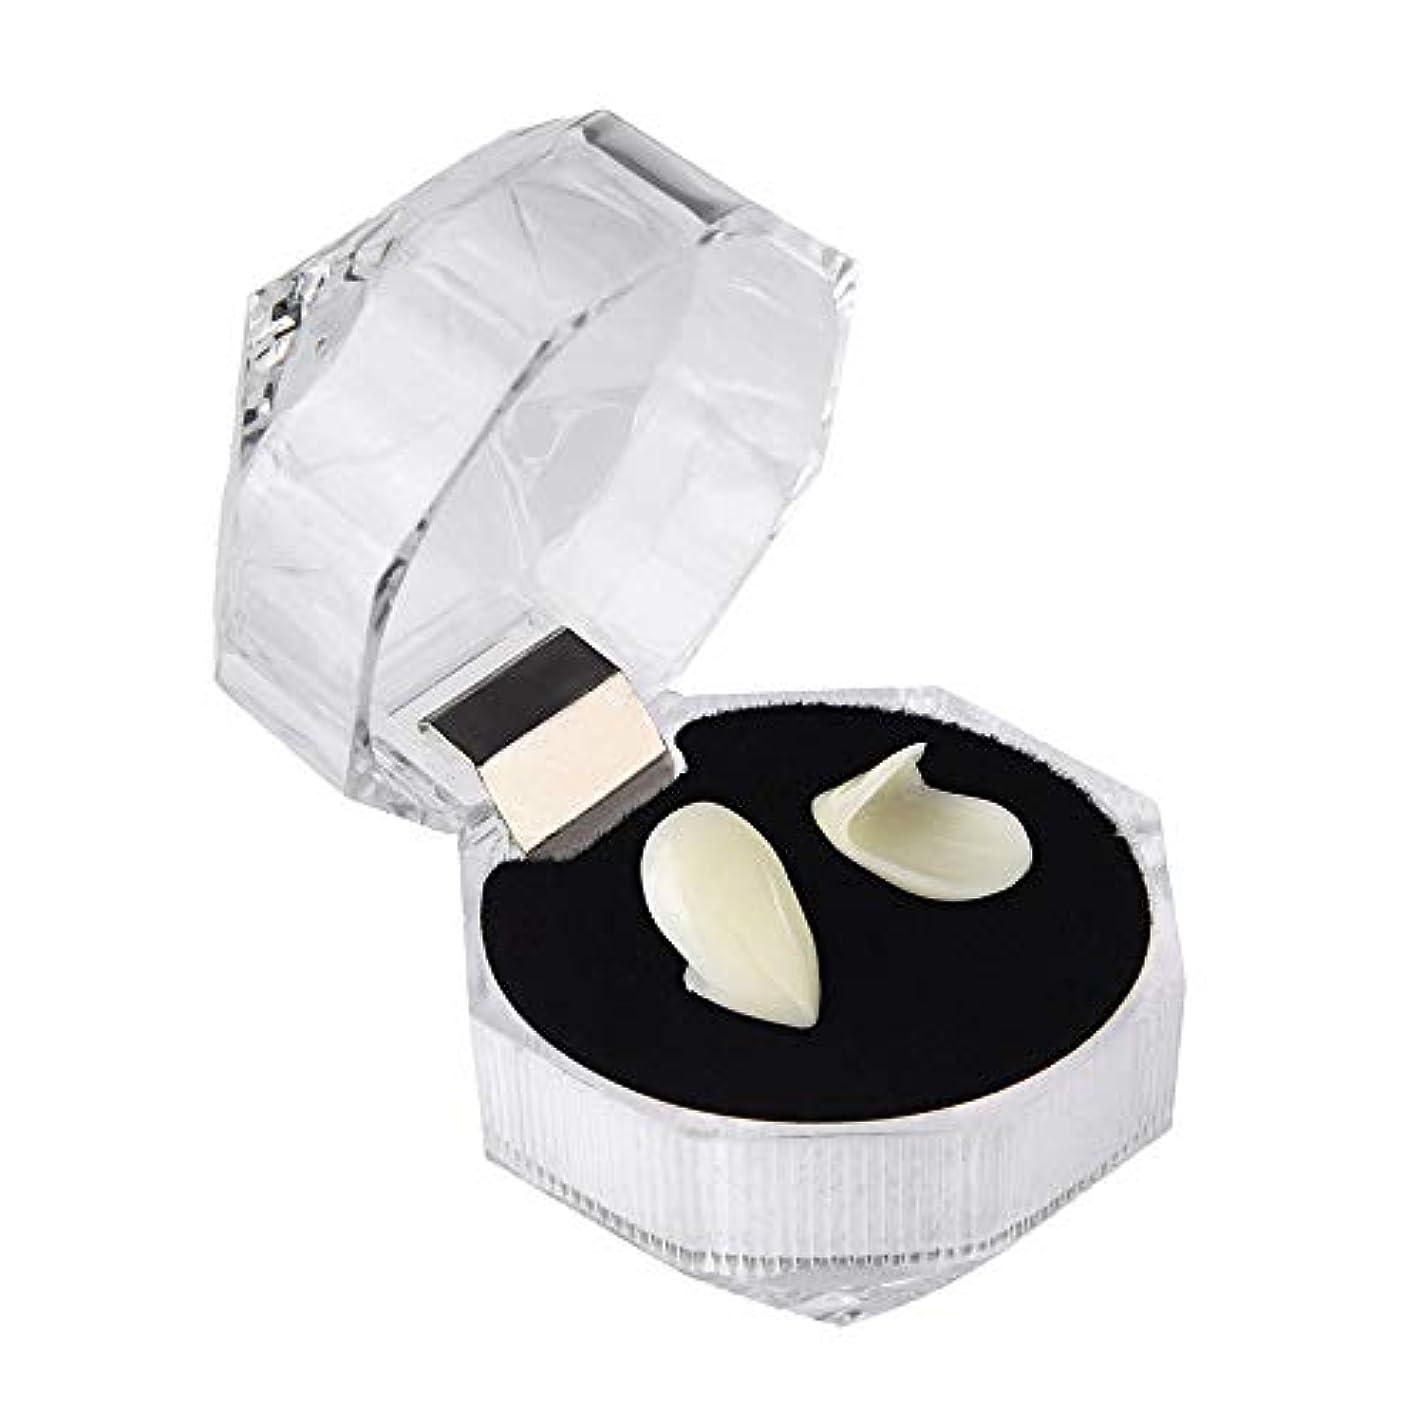 閉じる誰でも天才ユニセックスハロウィンロールプレイングゾンビ義歯、樹脂にやさしい食品グレード義歯(歯のジェル付き),13mm